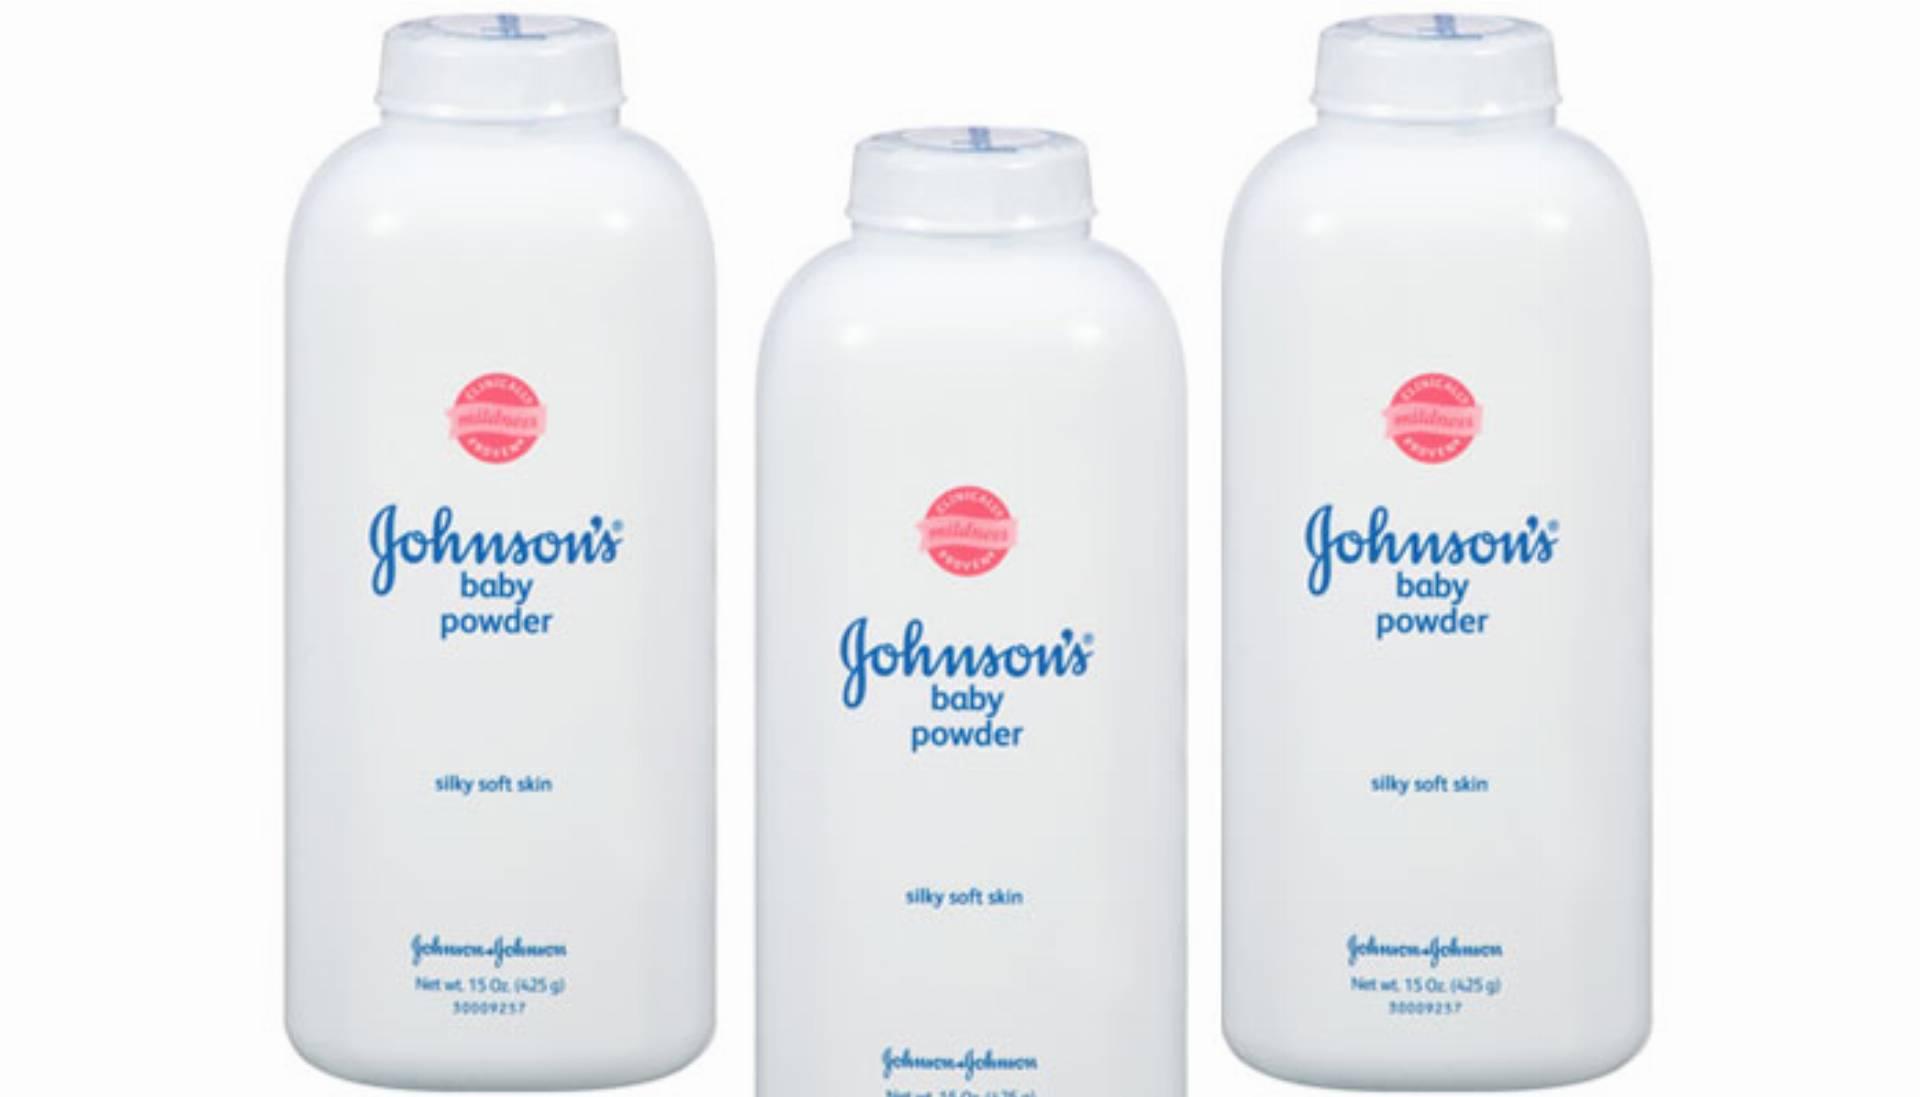 puder tal dla niemowląt Johnson & Johnson_ czy jest rakotwórczy